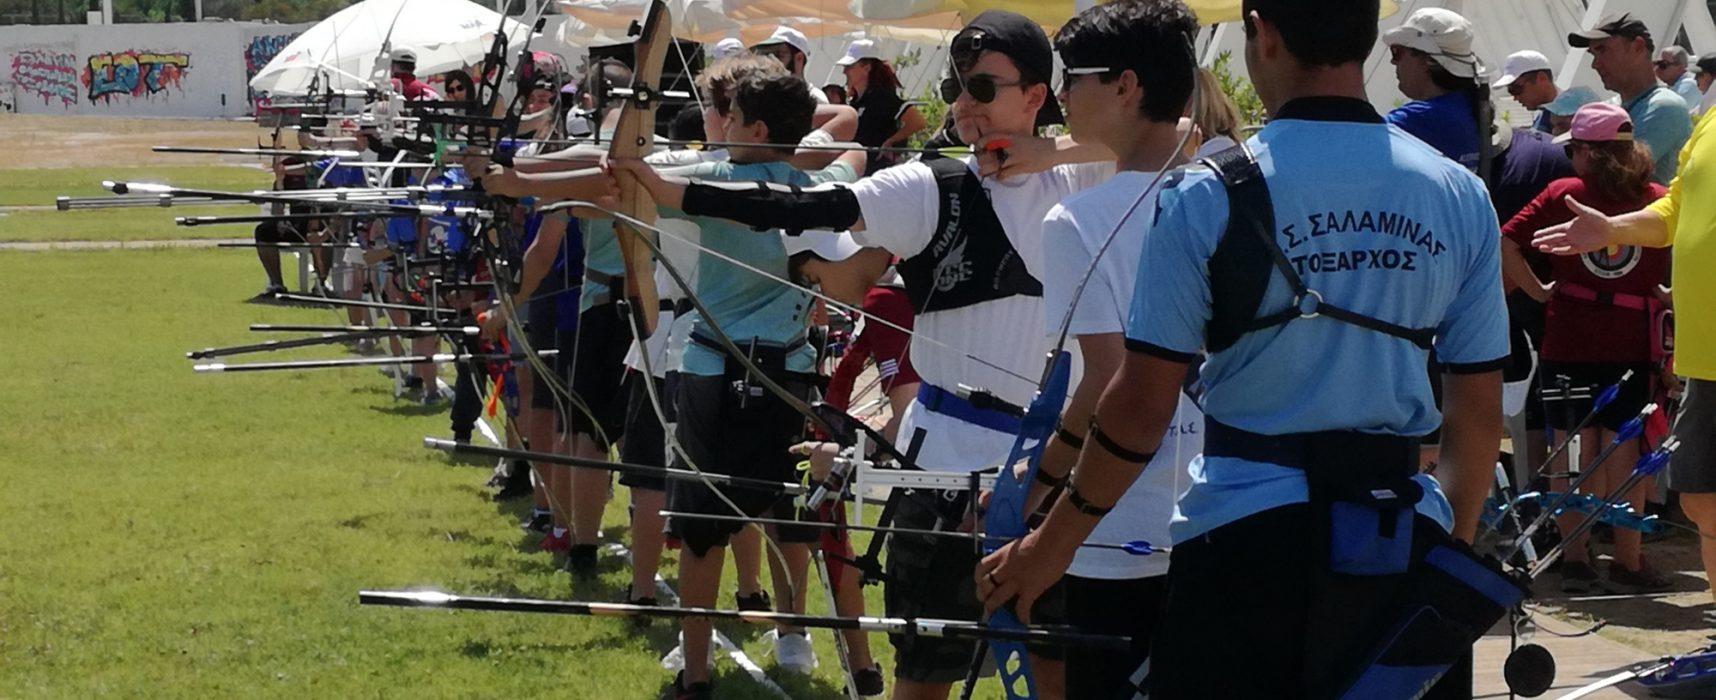 Η γιορτή της ελληνικής Τοξοβολίας άνοιξε νέους δρόμους για το άθλημα